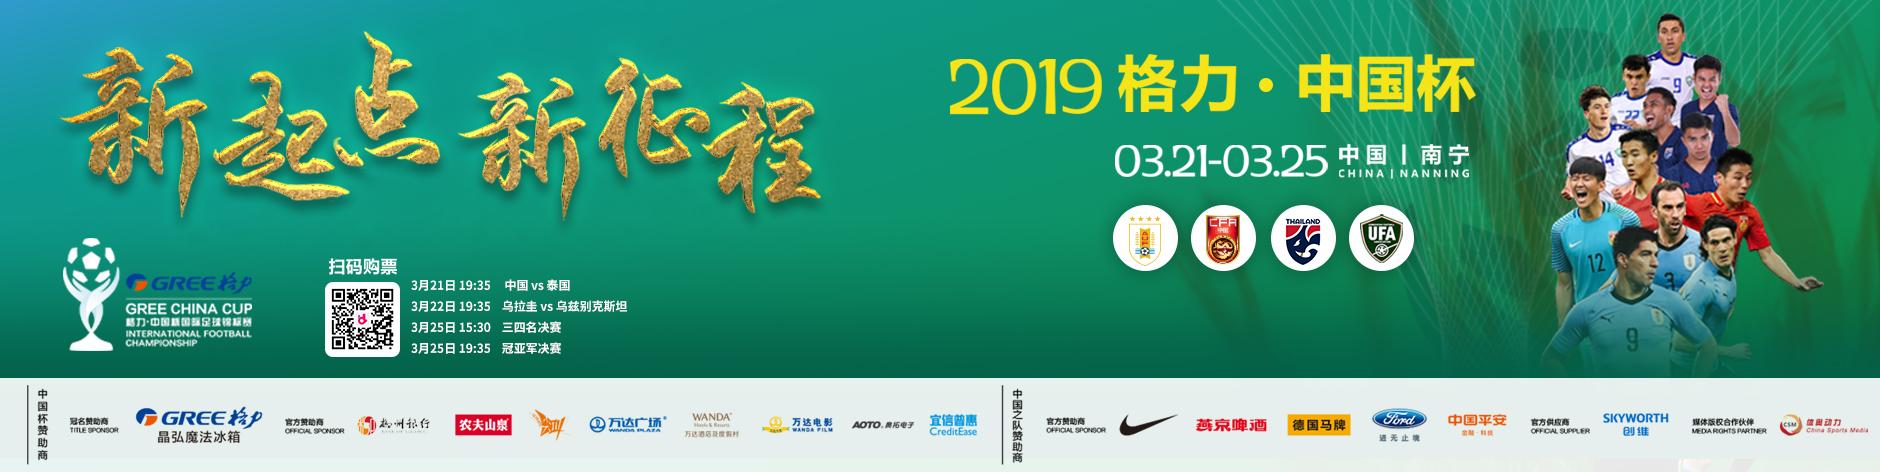 2019格力·中國杯國際足球錦標賽